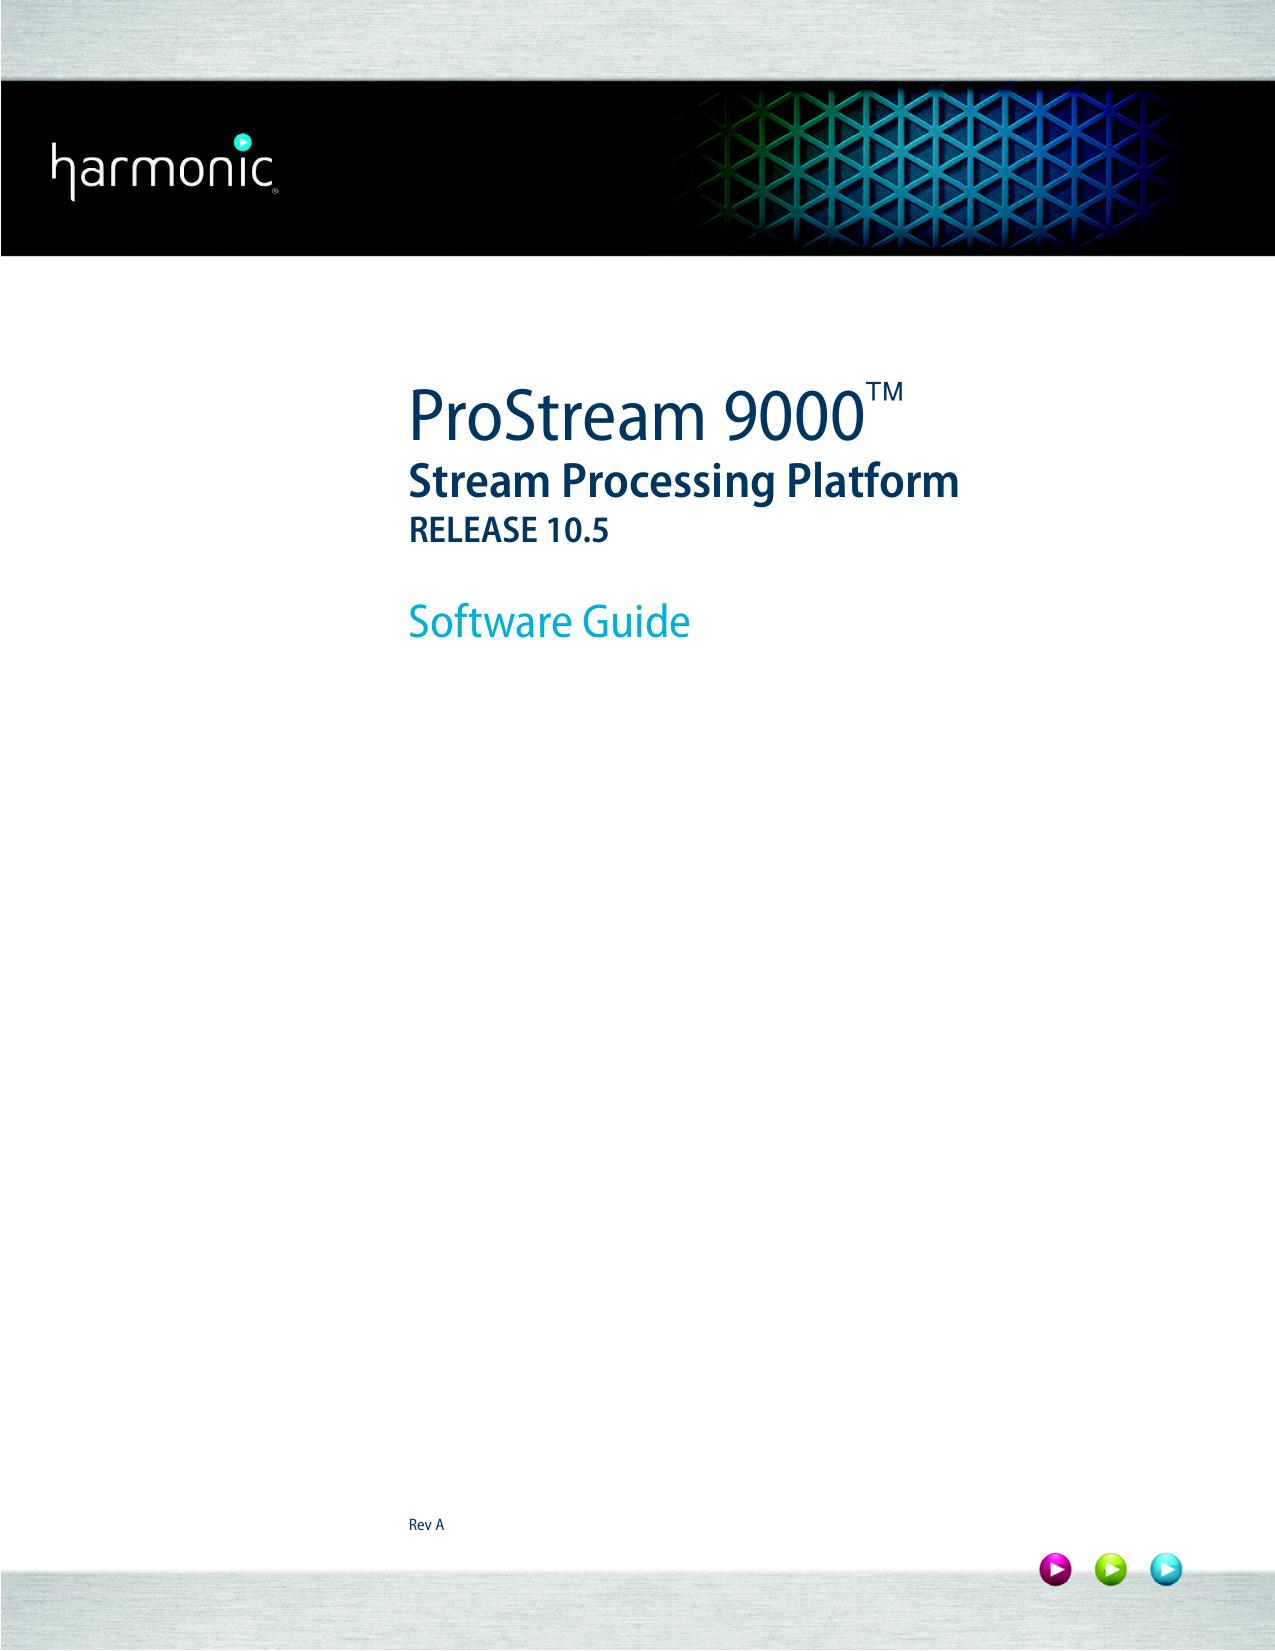 ProStream 9000 10 5 UserGuide RevA book | manualzz com